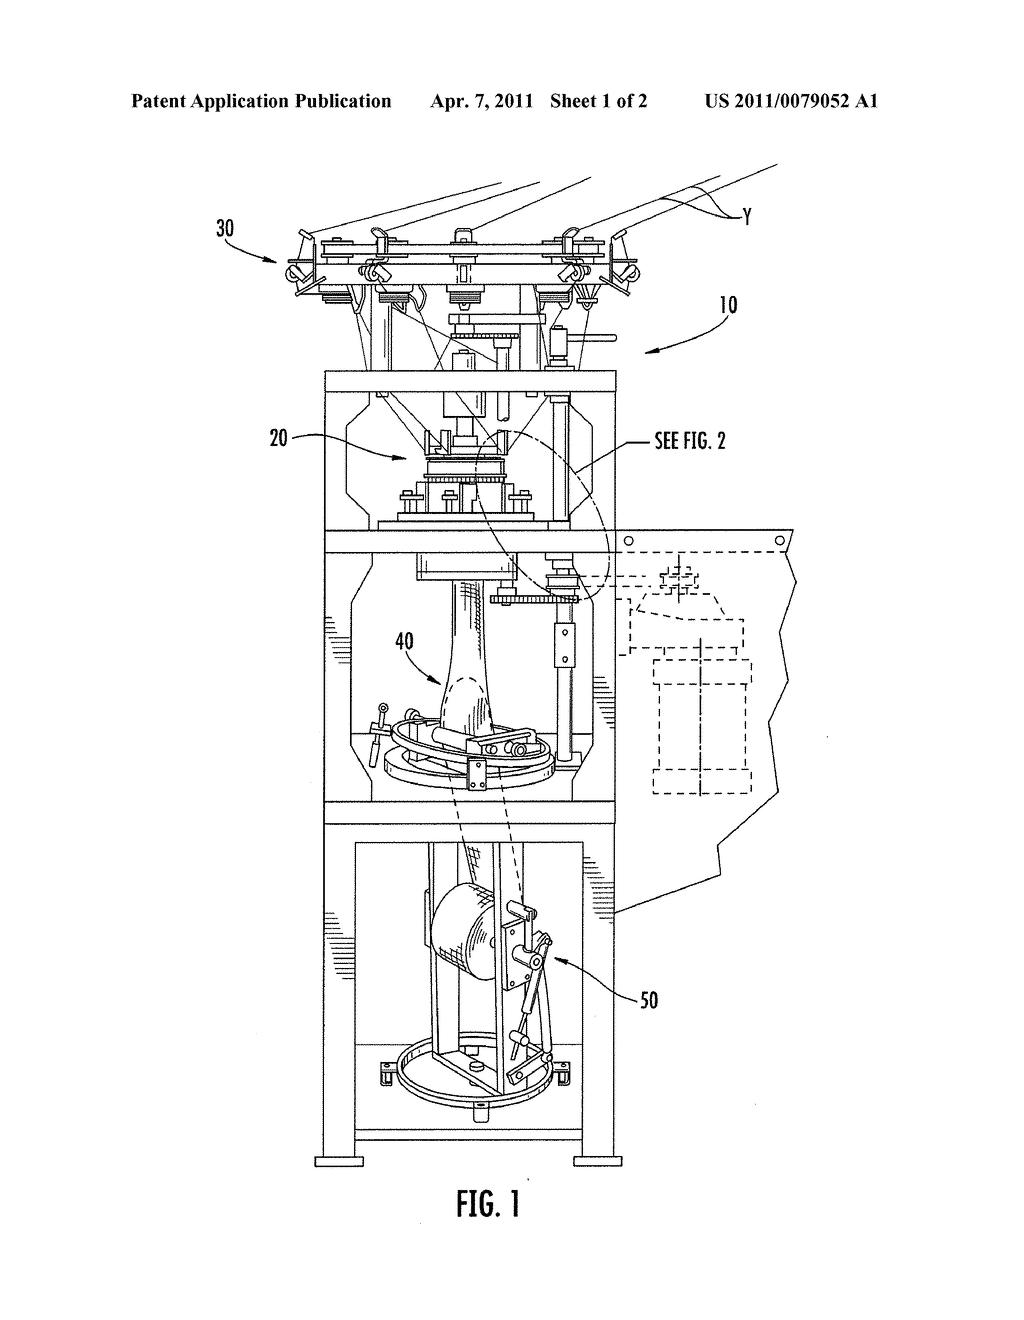 N Machine Schematic – The Wiring Diagram